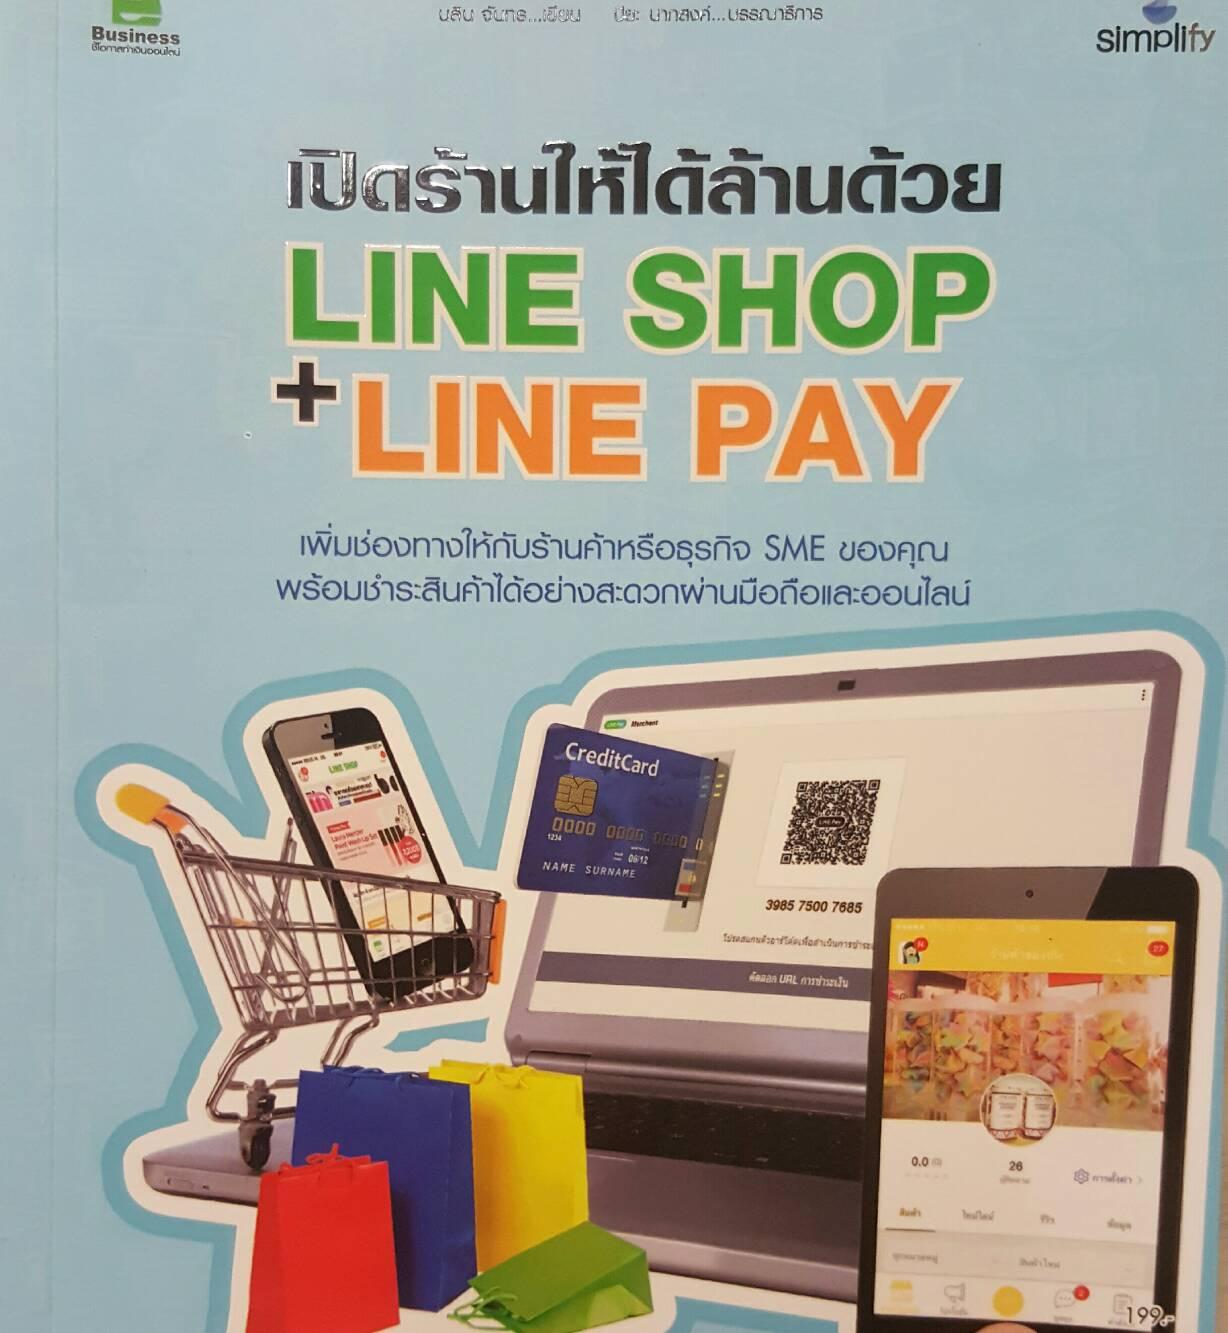 เปิดร้านให้ได้ล้านด้วย LINE SHOP+ LINE PAY